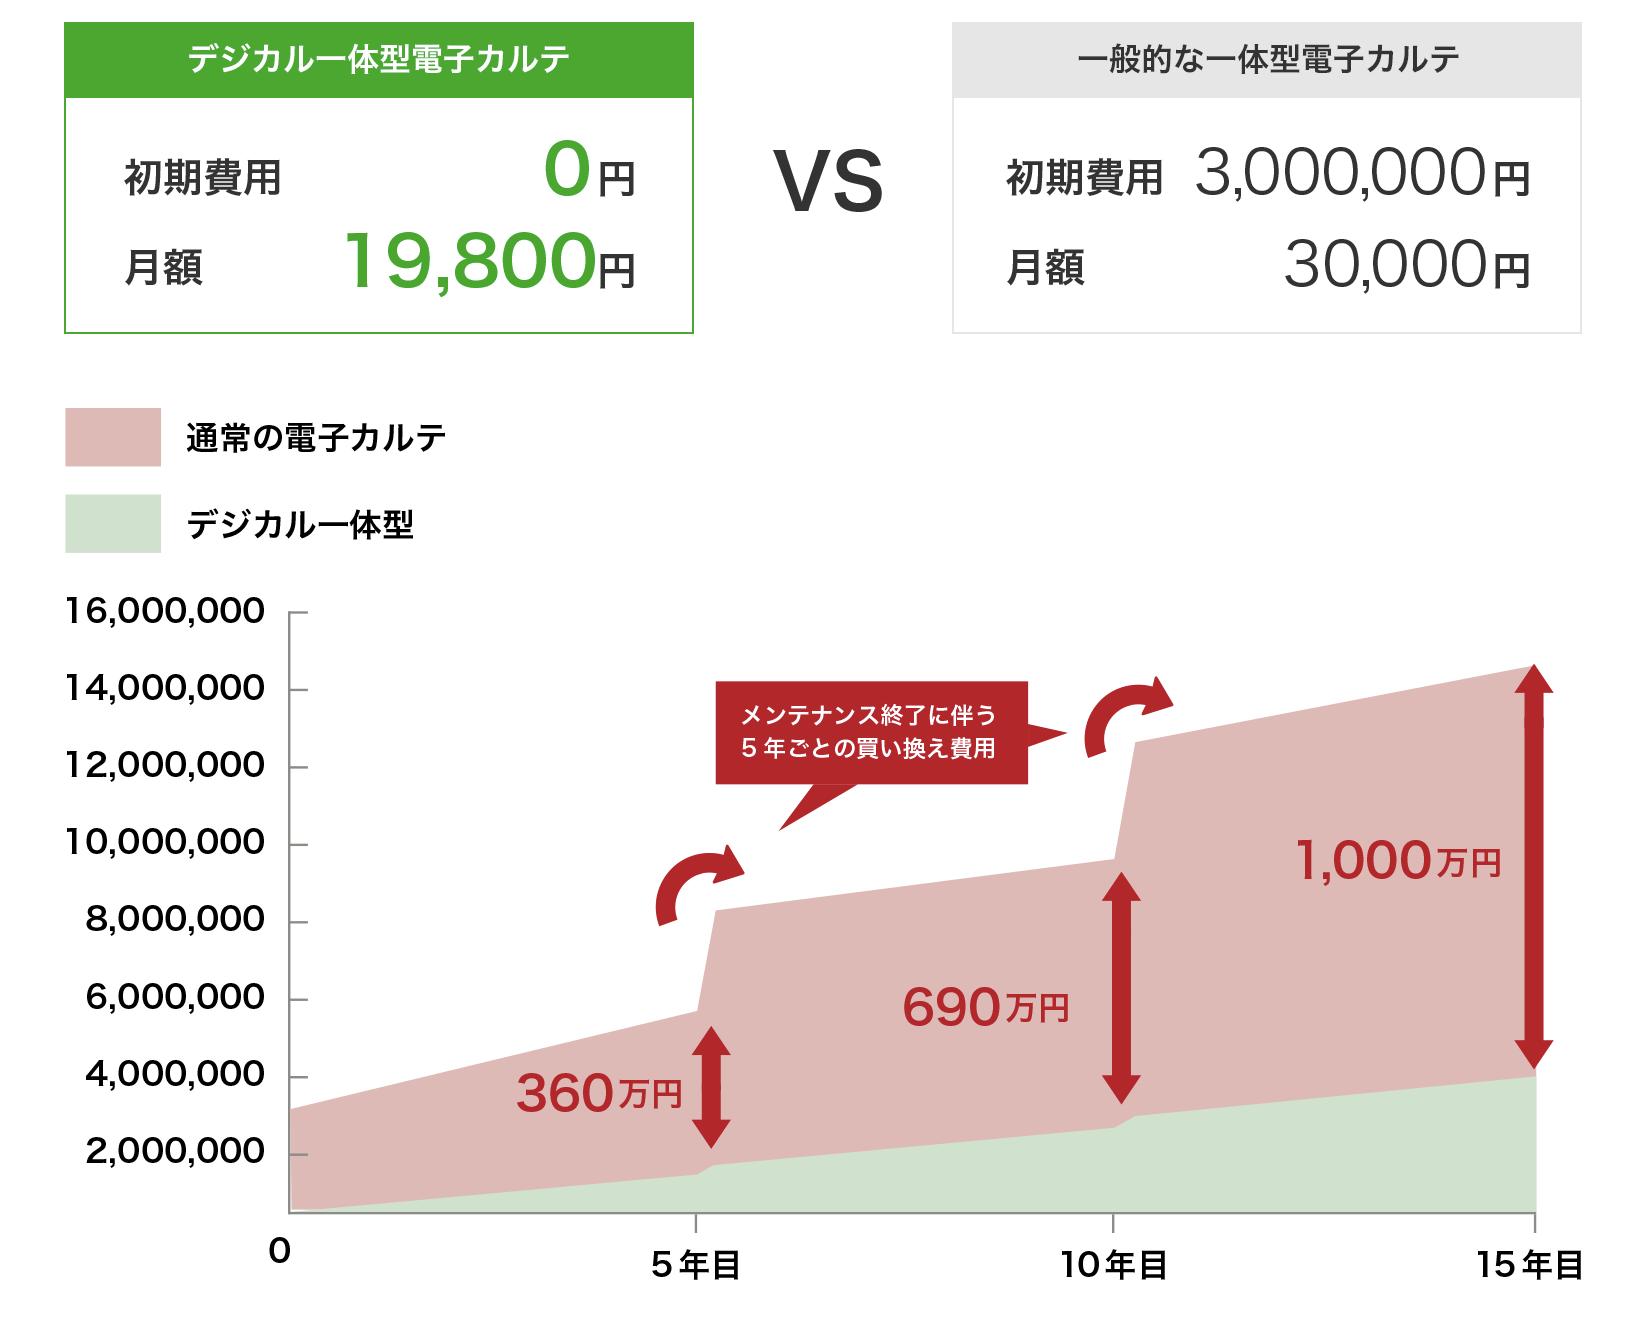 スクリーンショット 2020-11-21 20.12.25.png (154.3 kB)